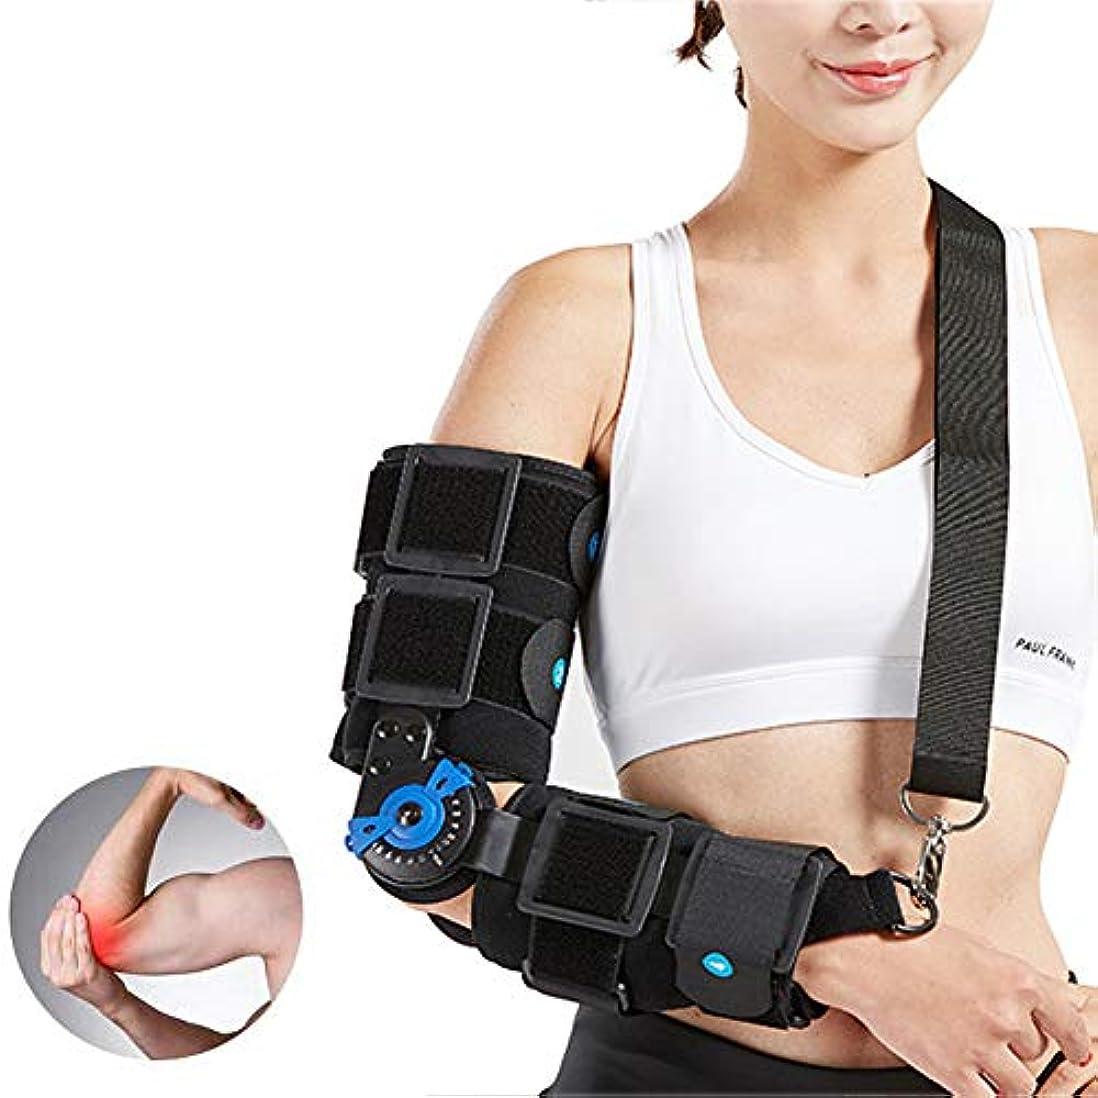 モーター良い補償調節可能なアームスリングは手術前後の骨折用アームリフト、傷害回復、ワンサイズ - ユニセックス